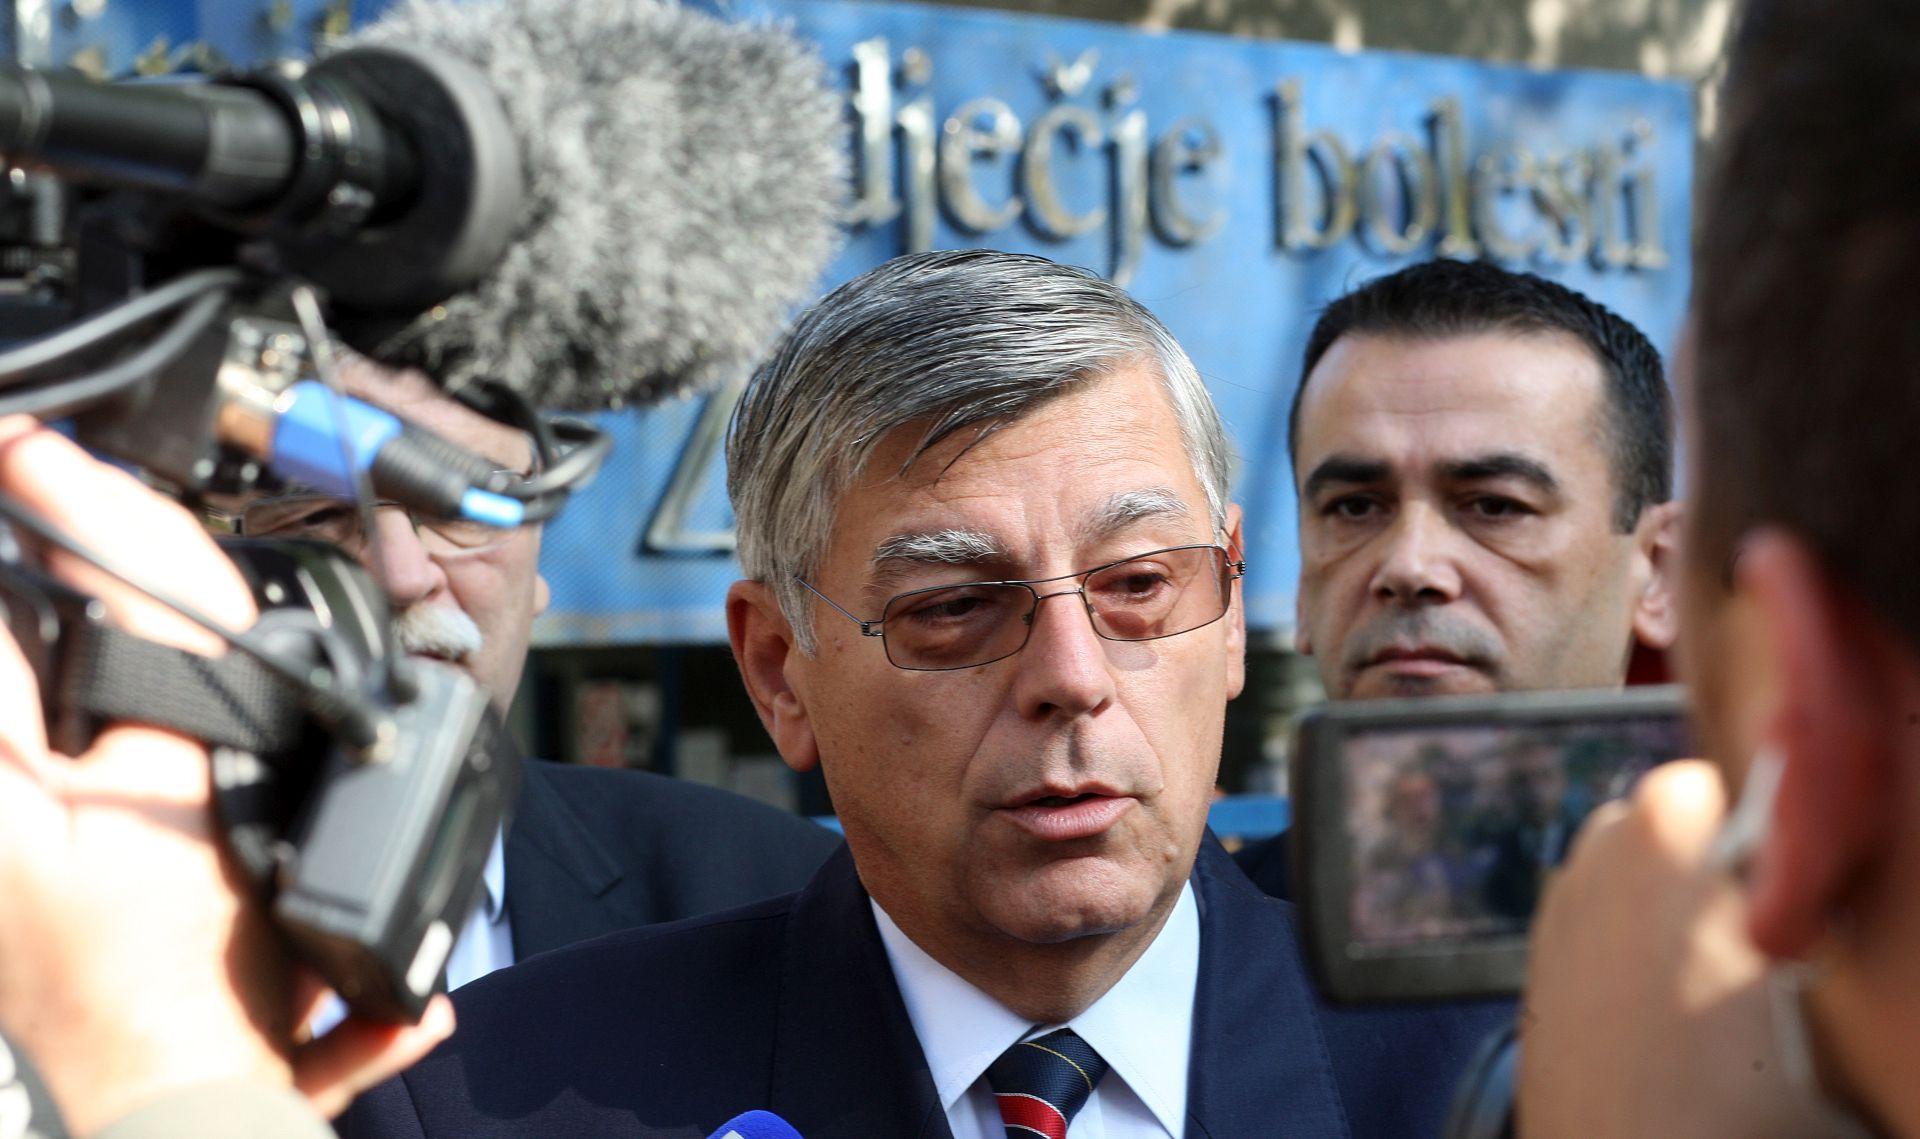 IZBORI 2015. HDZ-ovi kandidati u Klaićevoj: Gradit ćemo novu dječju bolnicu